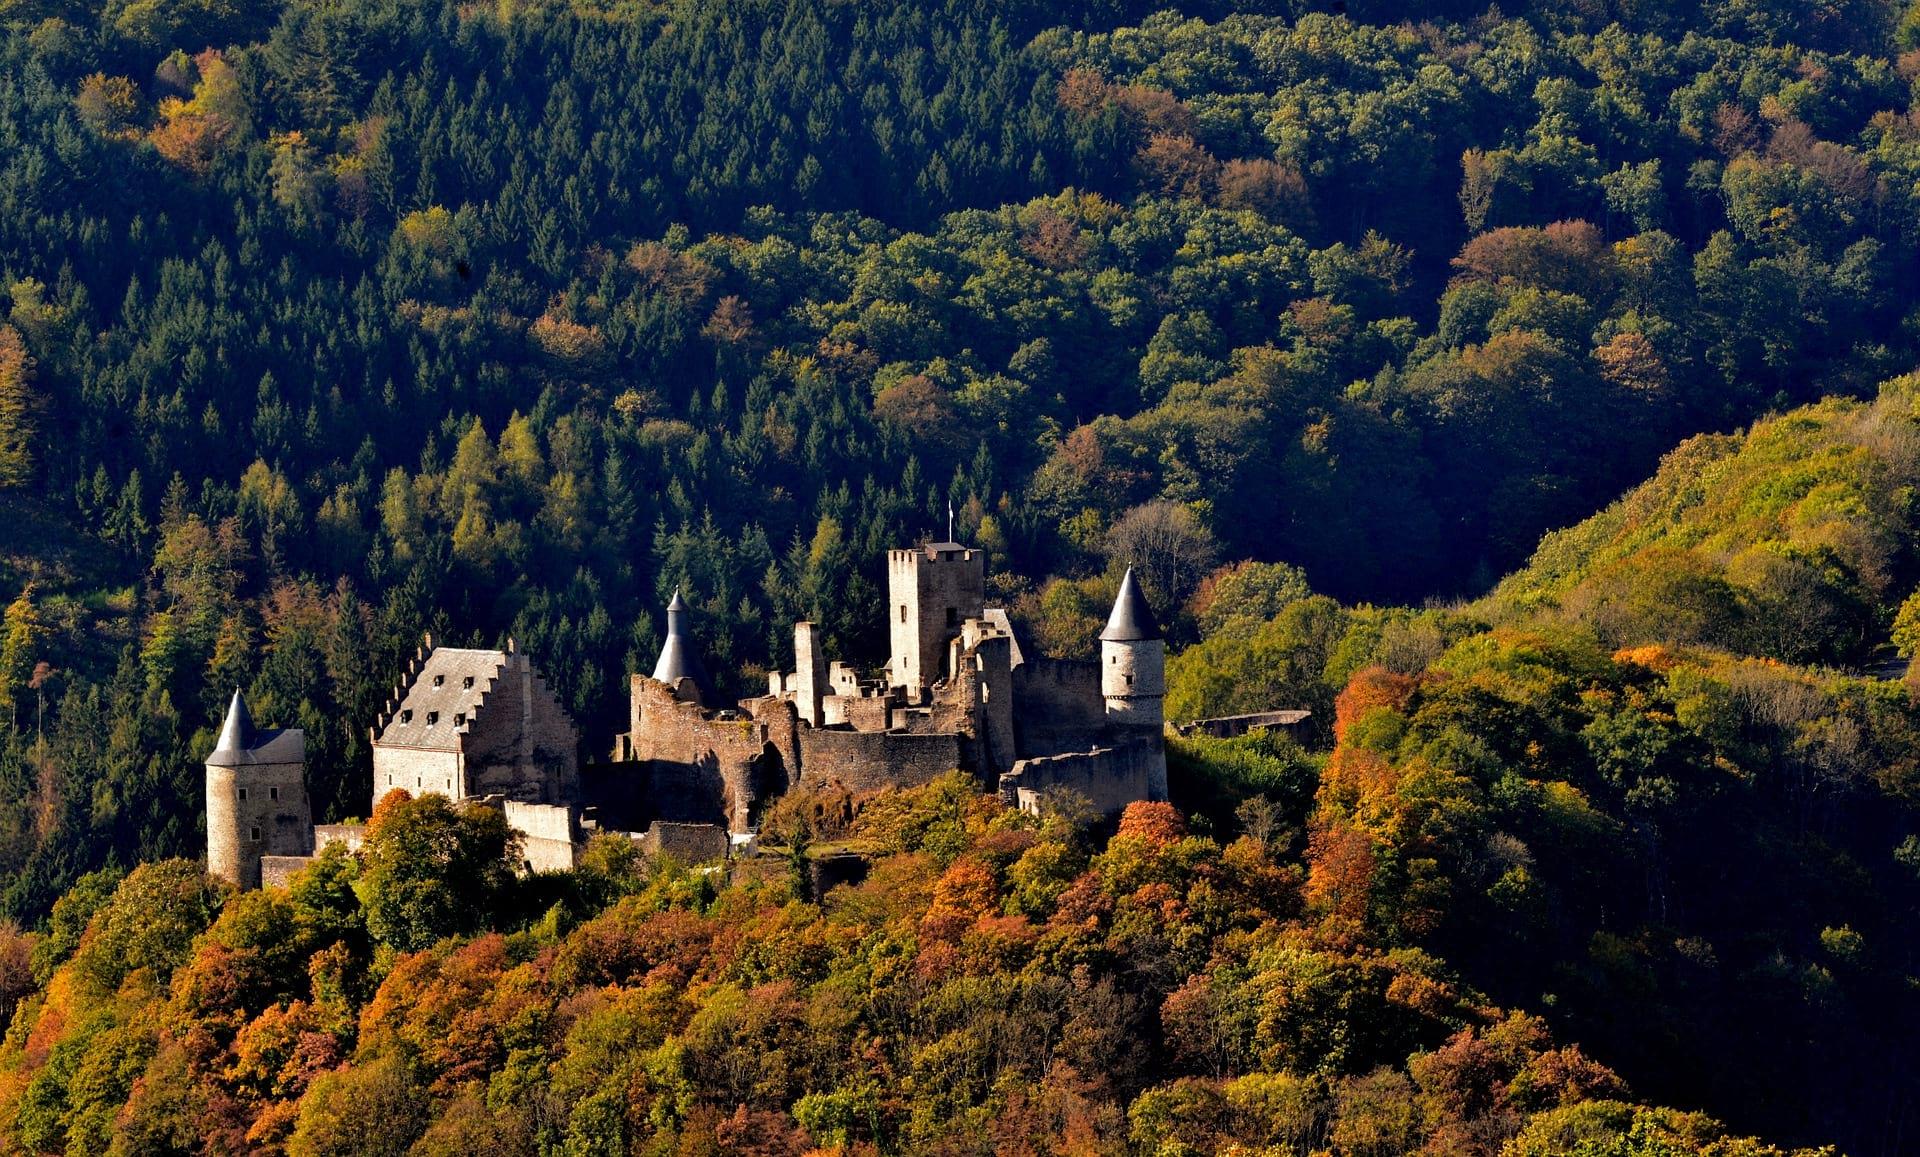 TRENTINO ALTO ADIGE castle image